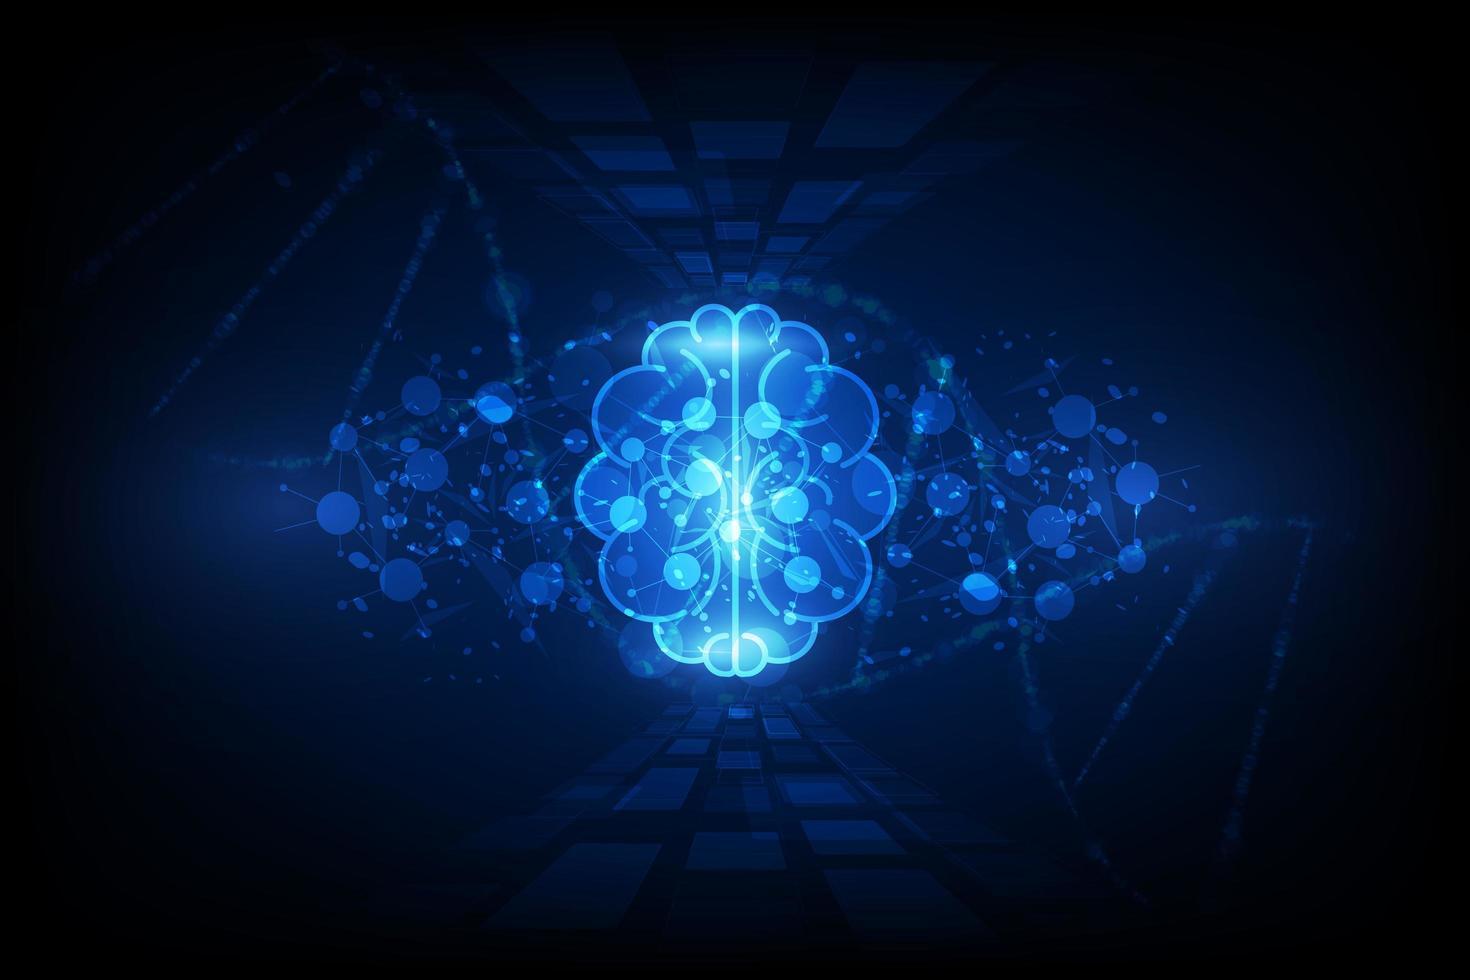 cérebro humano abstrato no fundo da tecnologia vetor